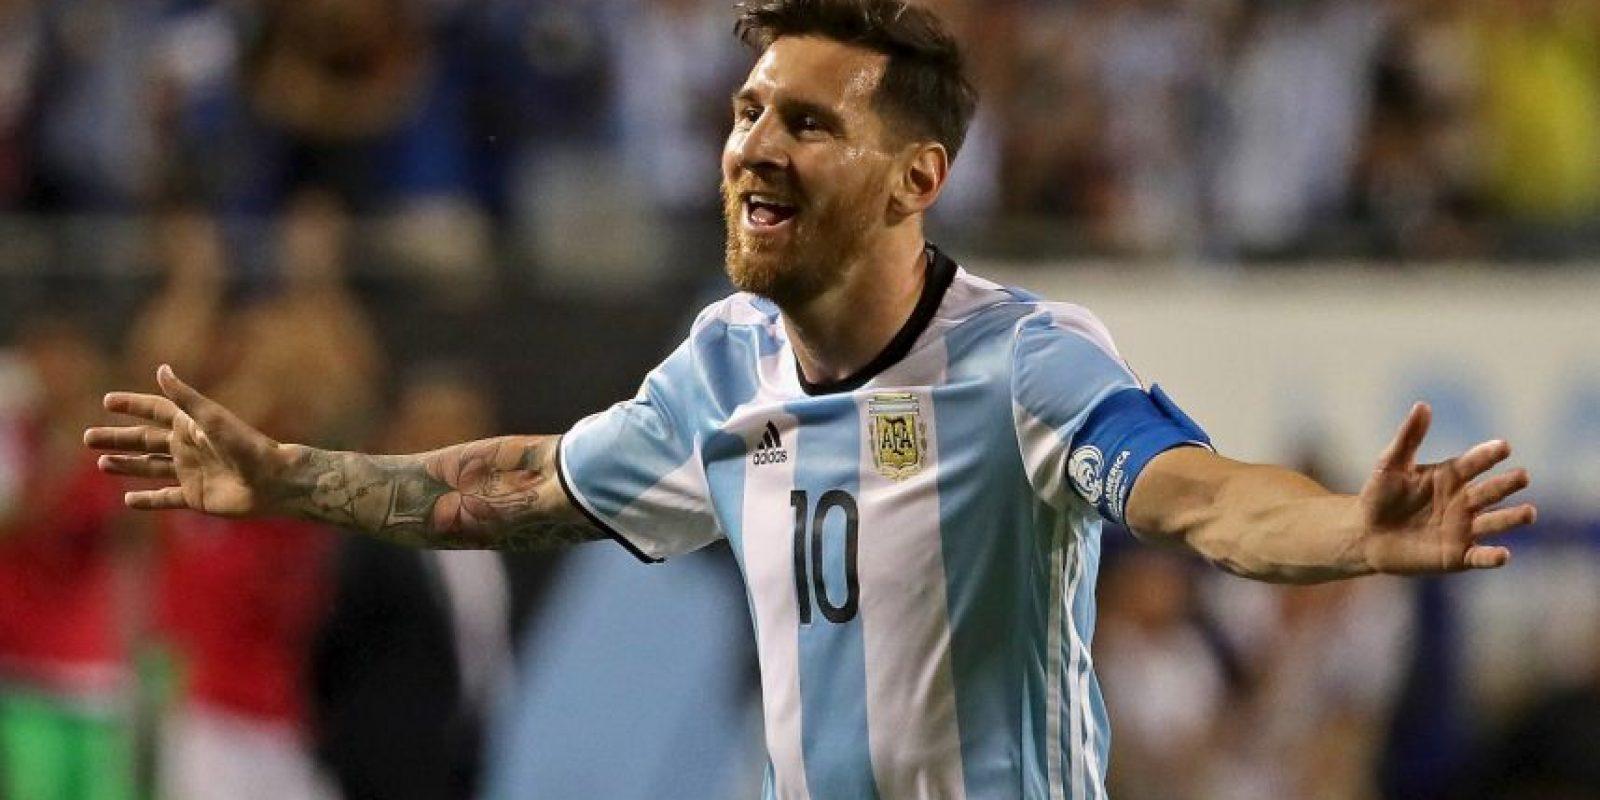 Lionel Messi confía en la cábala de su barba para cortar la racha de 23 años sin títulos de Argentina Foto:Getty Images